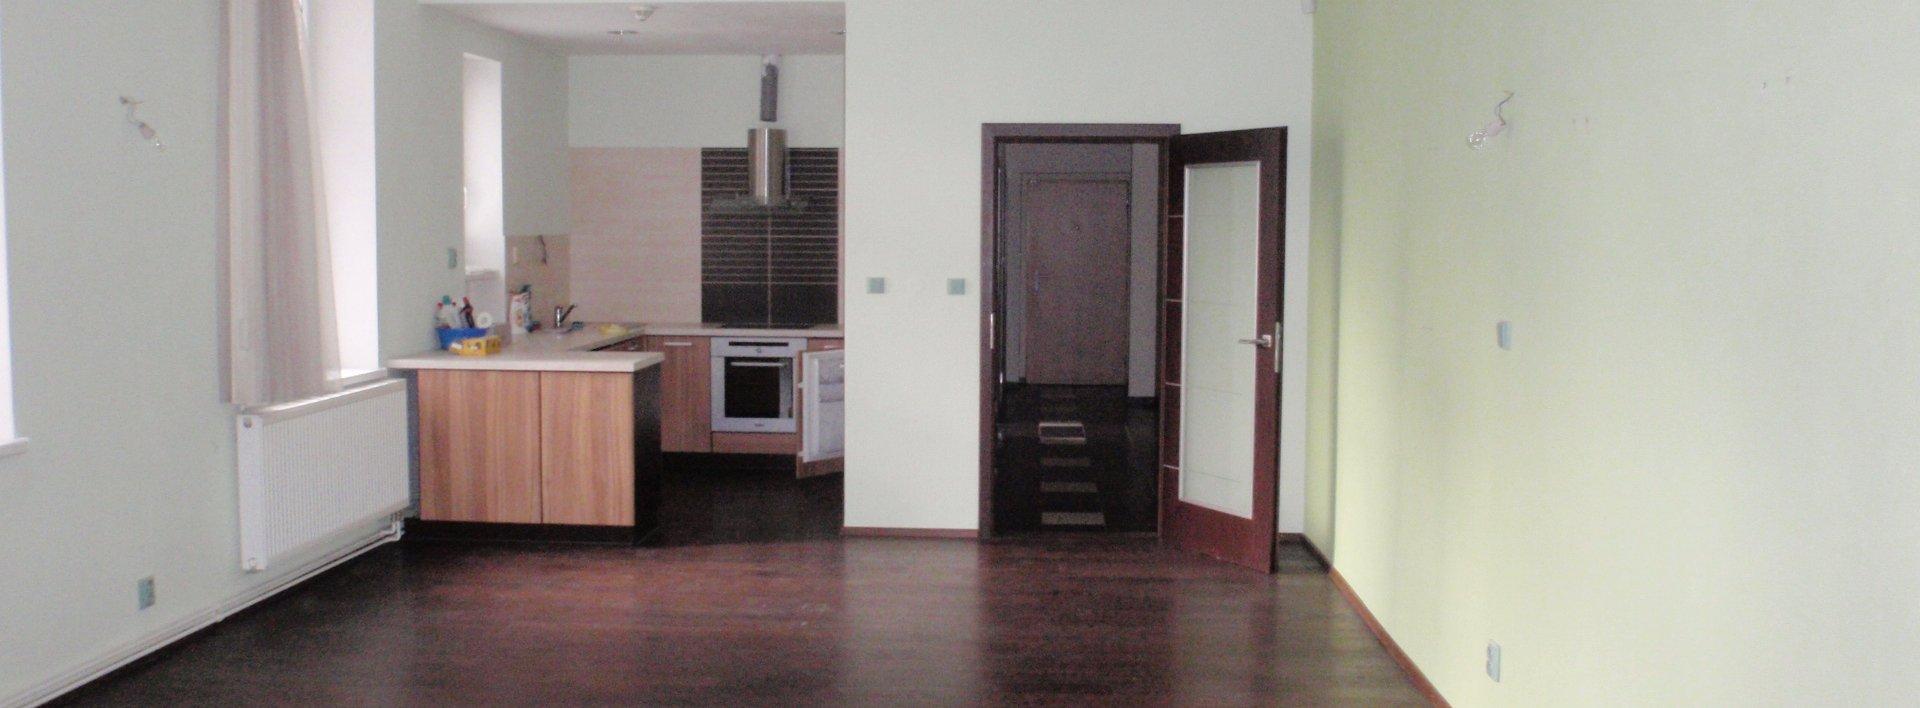 Pronájem bytu 4+kk, 103 m² - Slavíčkova, Liberec III-Jeřáb